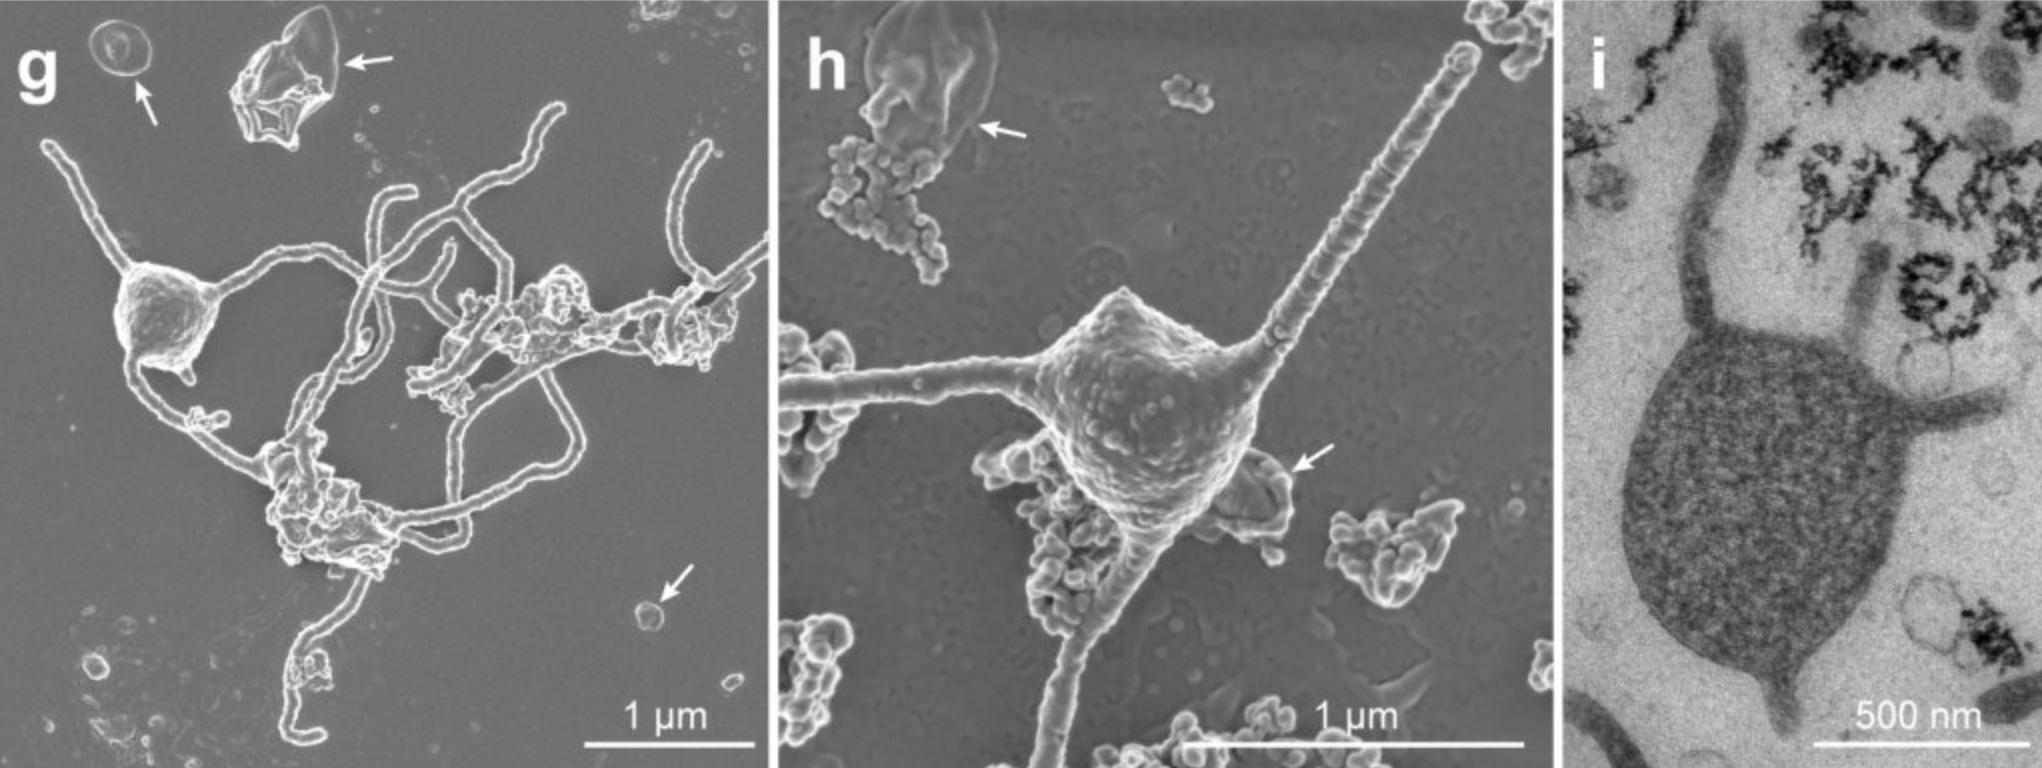 Microbio de las profundidades del mar podría responder a uno de los mayores misterios de la evolución